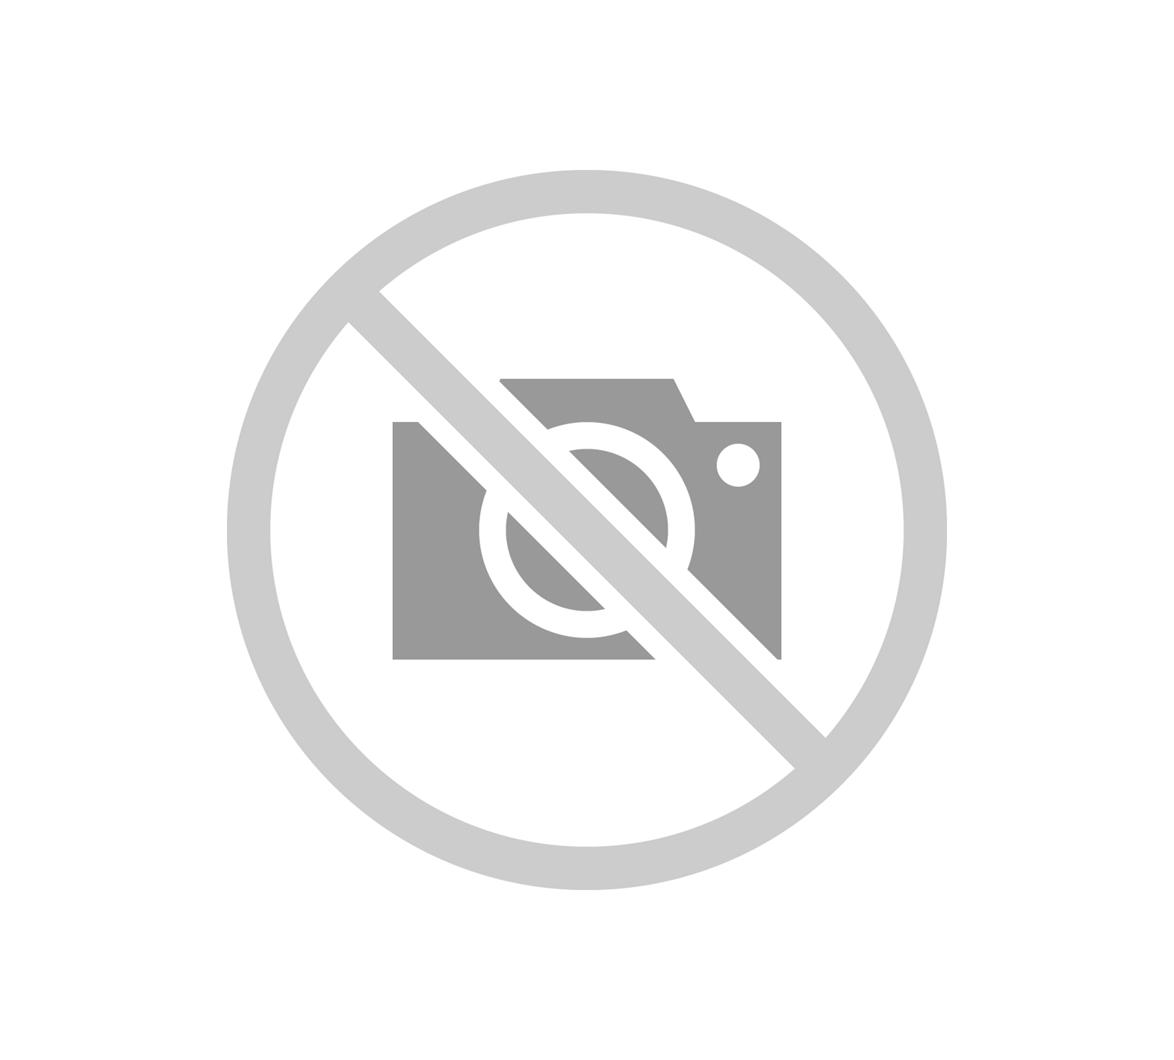 Sedací souprava WAIKIKI 2.5F+ROH+2 Primo 88 světle šedá